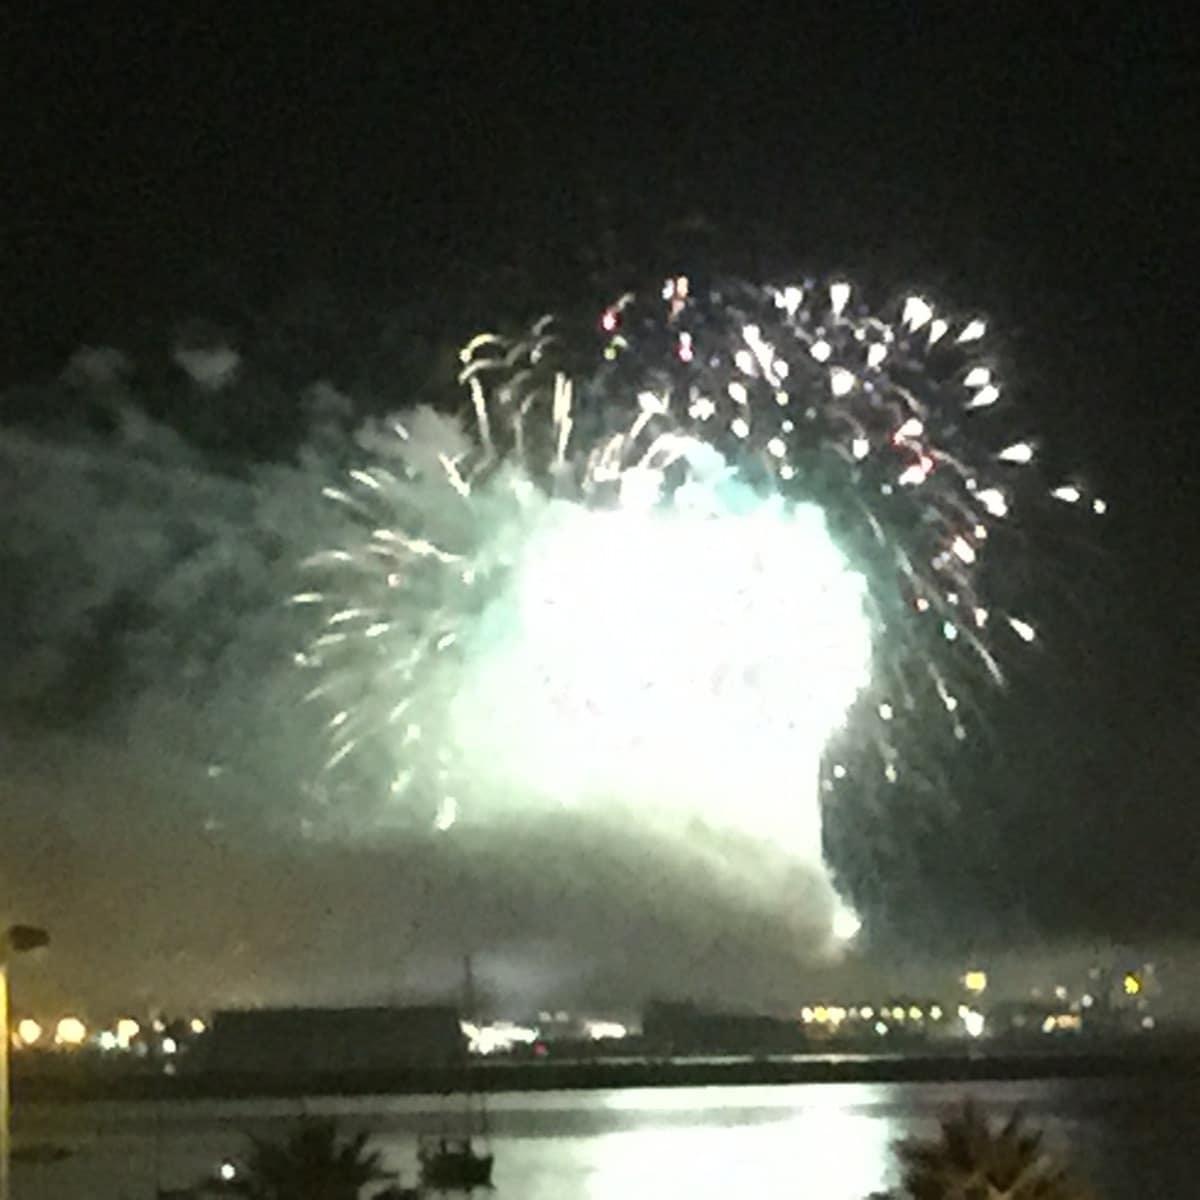 fuegos-artificiales-como-colofn-del-da-nacional-de-gibraltar-2015_22718927386_o